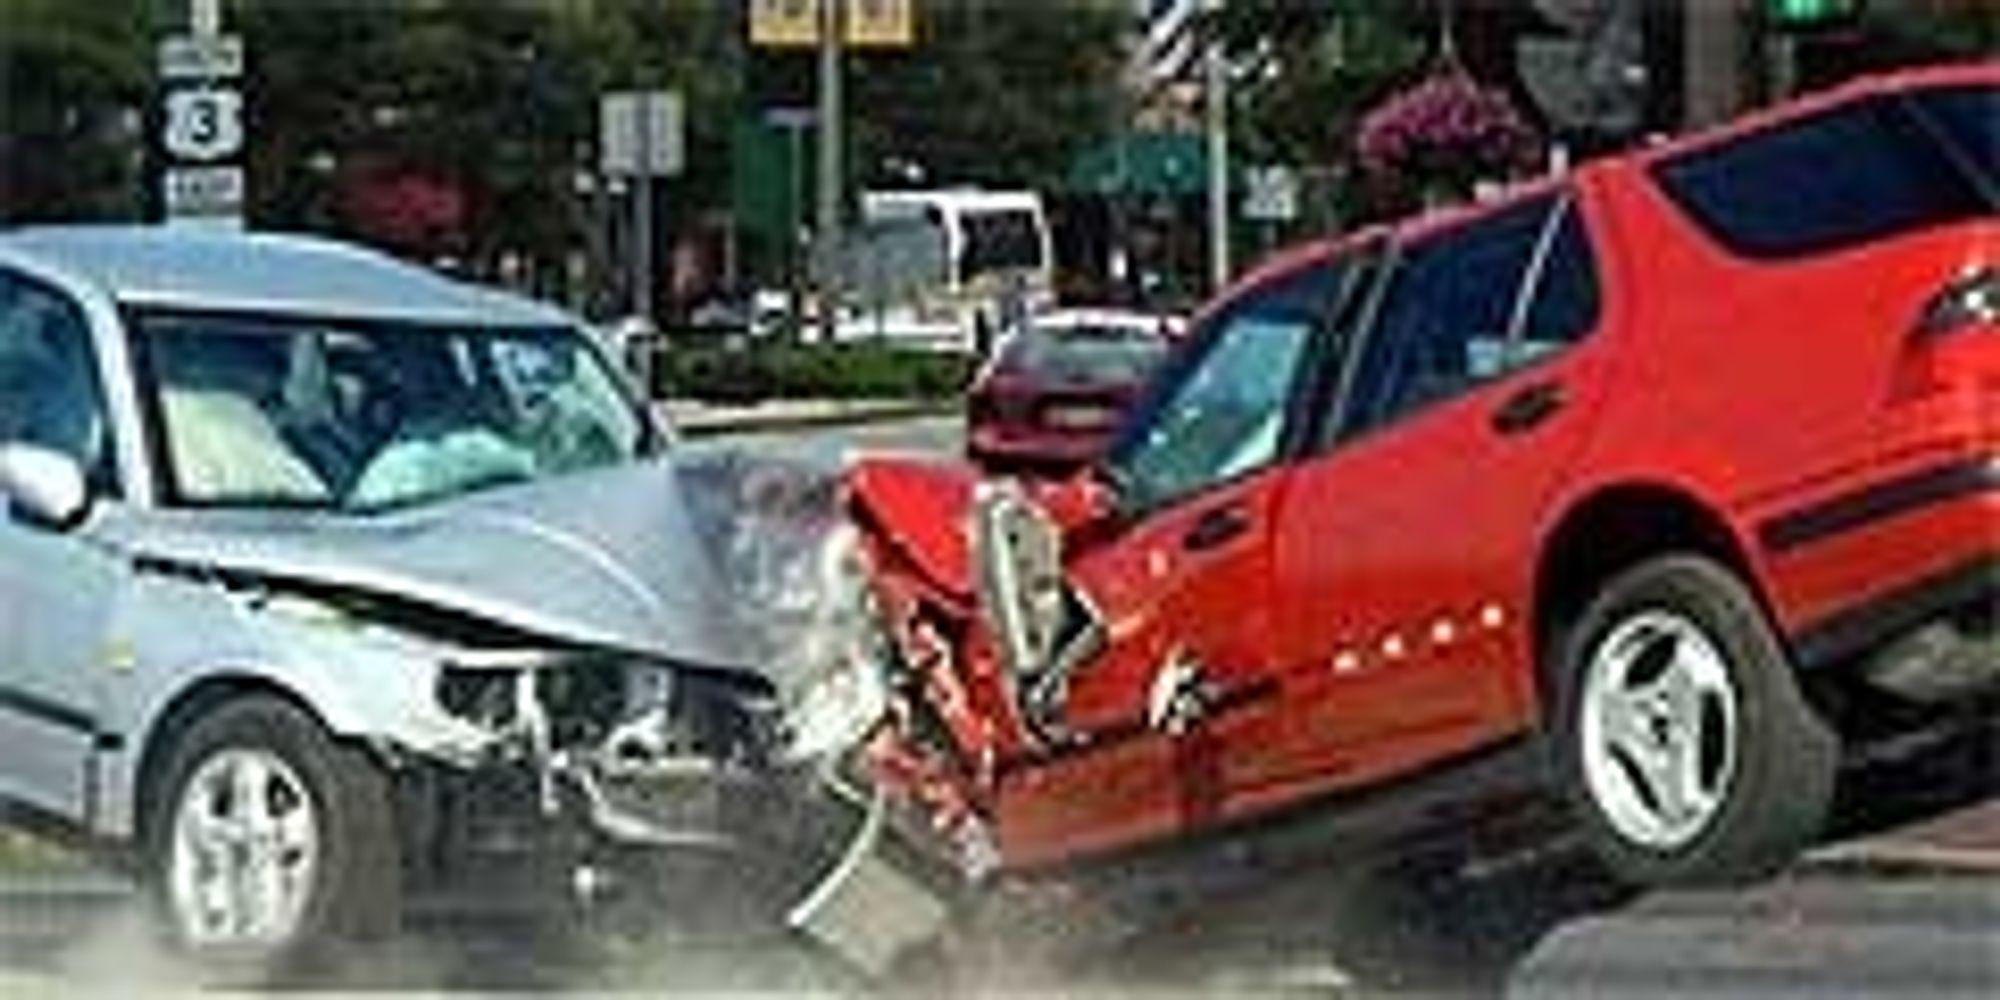 NY RAPPORT: TØI er nettopp ferdig med en forskningsrapport om hvordan organisatoriske programmer kan forebygge tretthet blant sjåfører for å unngå ulykker.